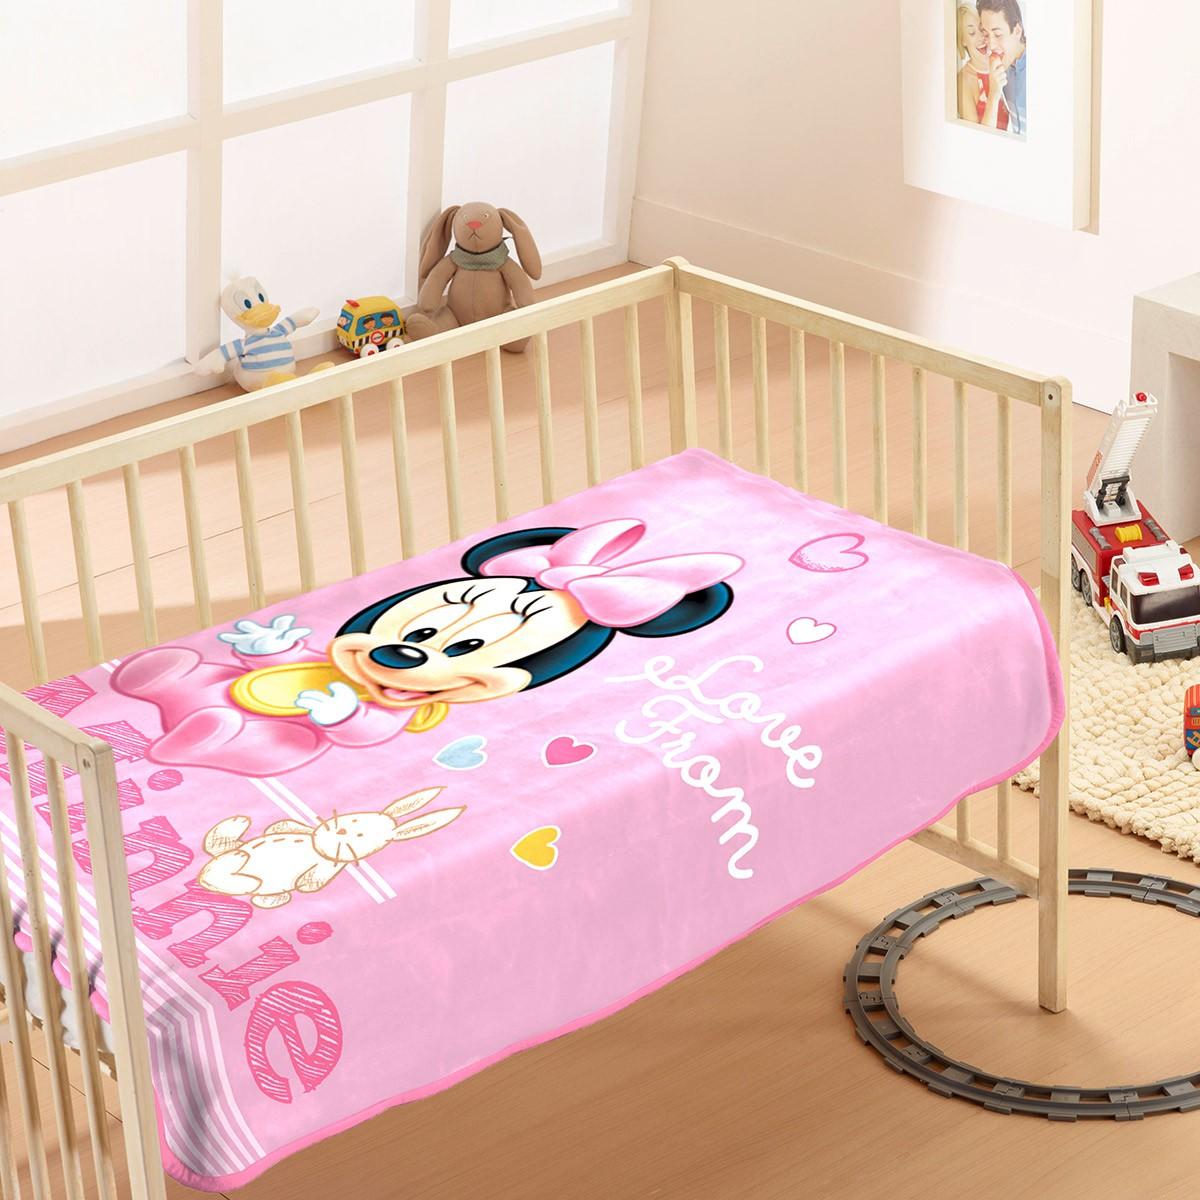 Κουβέρτα Βελουτέ Αγκαλιάς Dim Collection Minnie 10